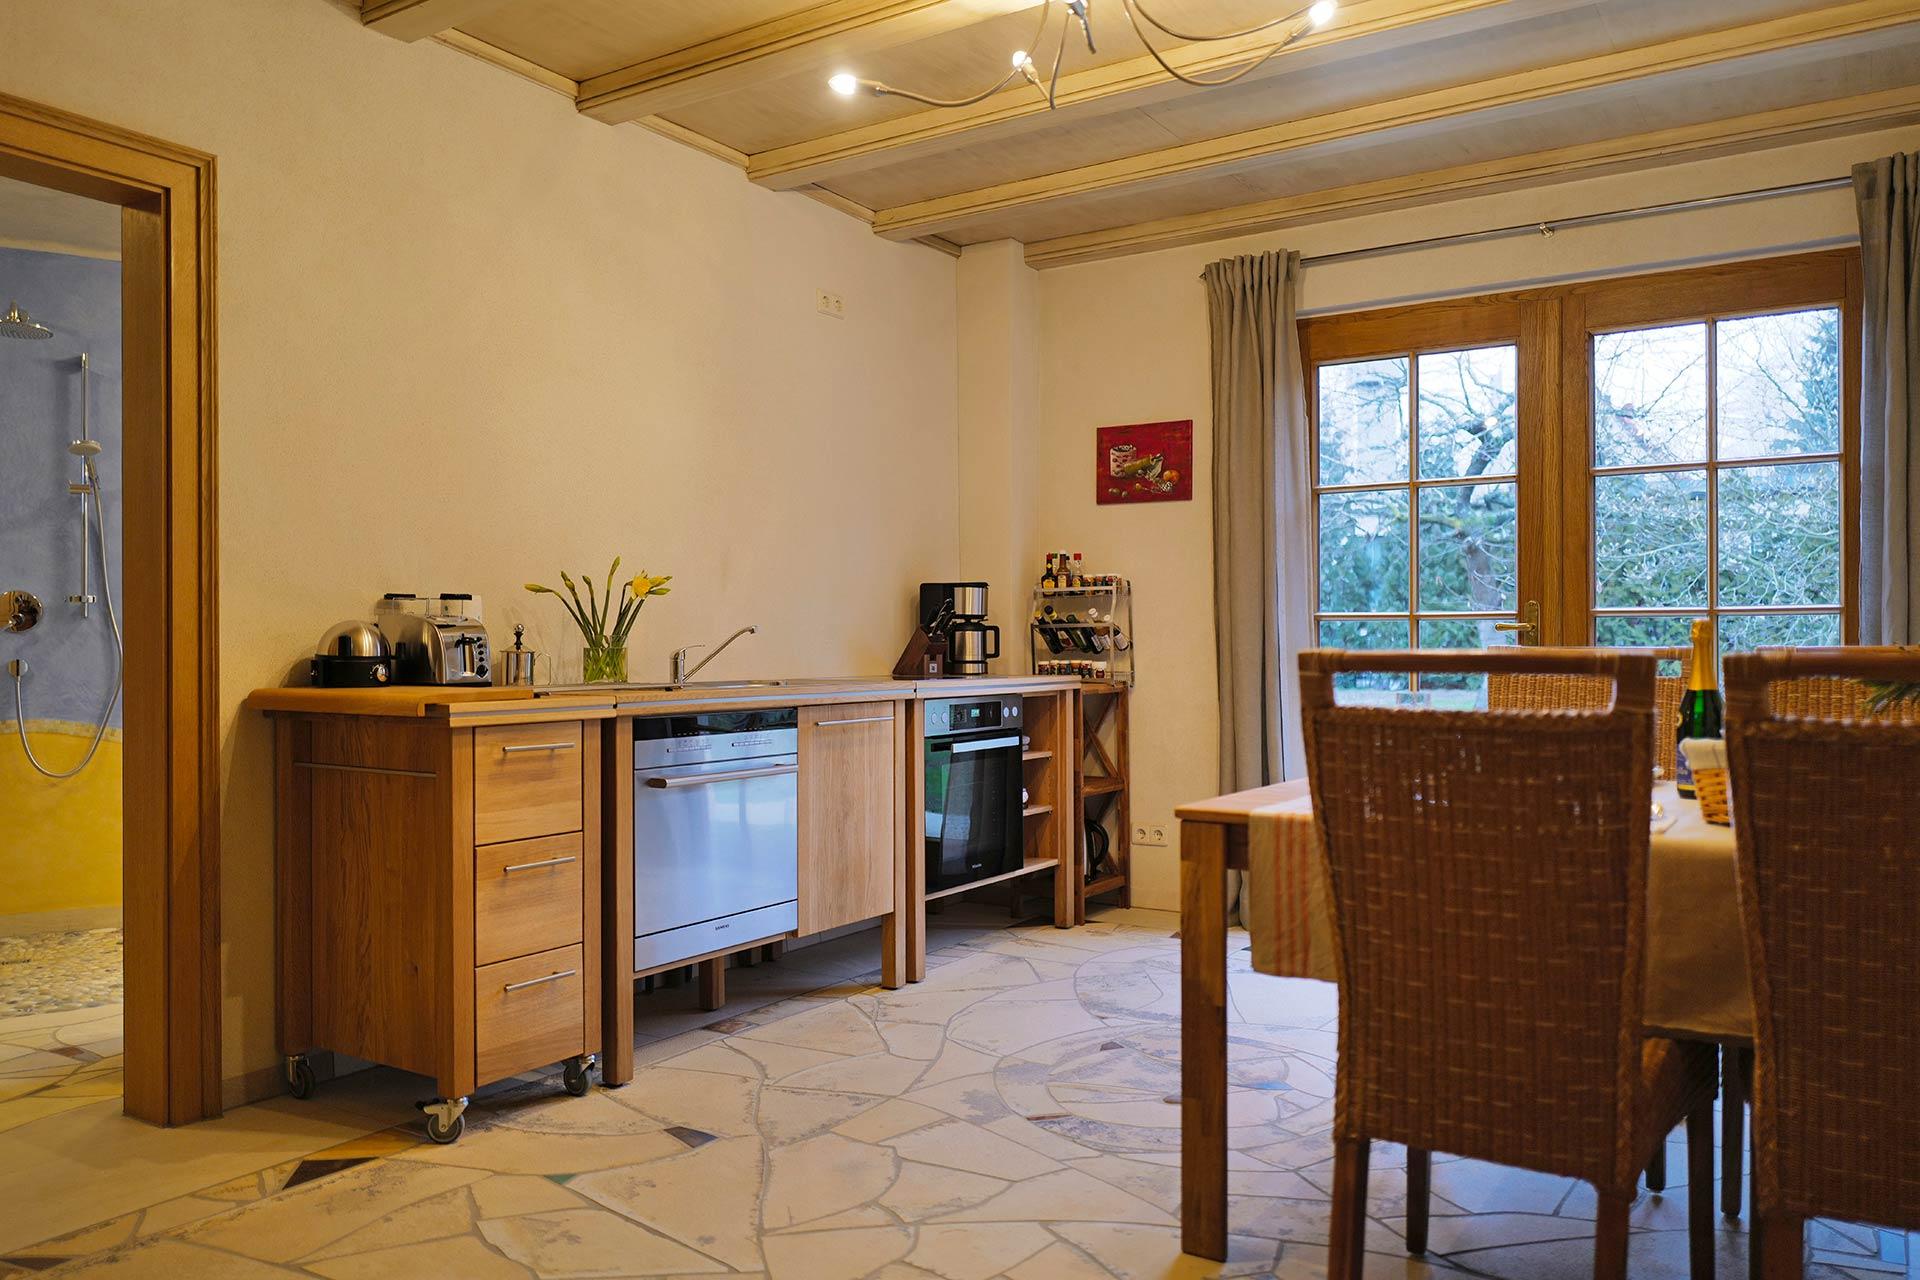 Küche - Liebevoll eingerichtet